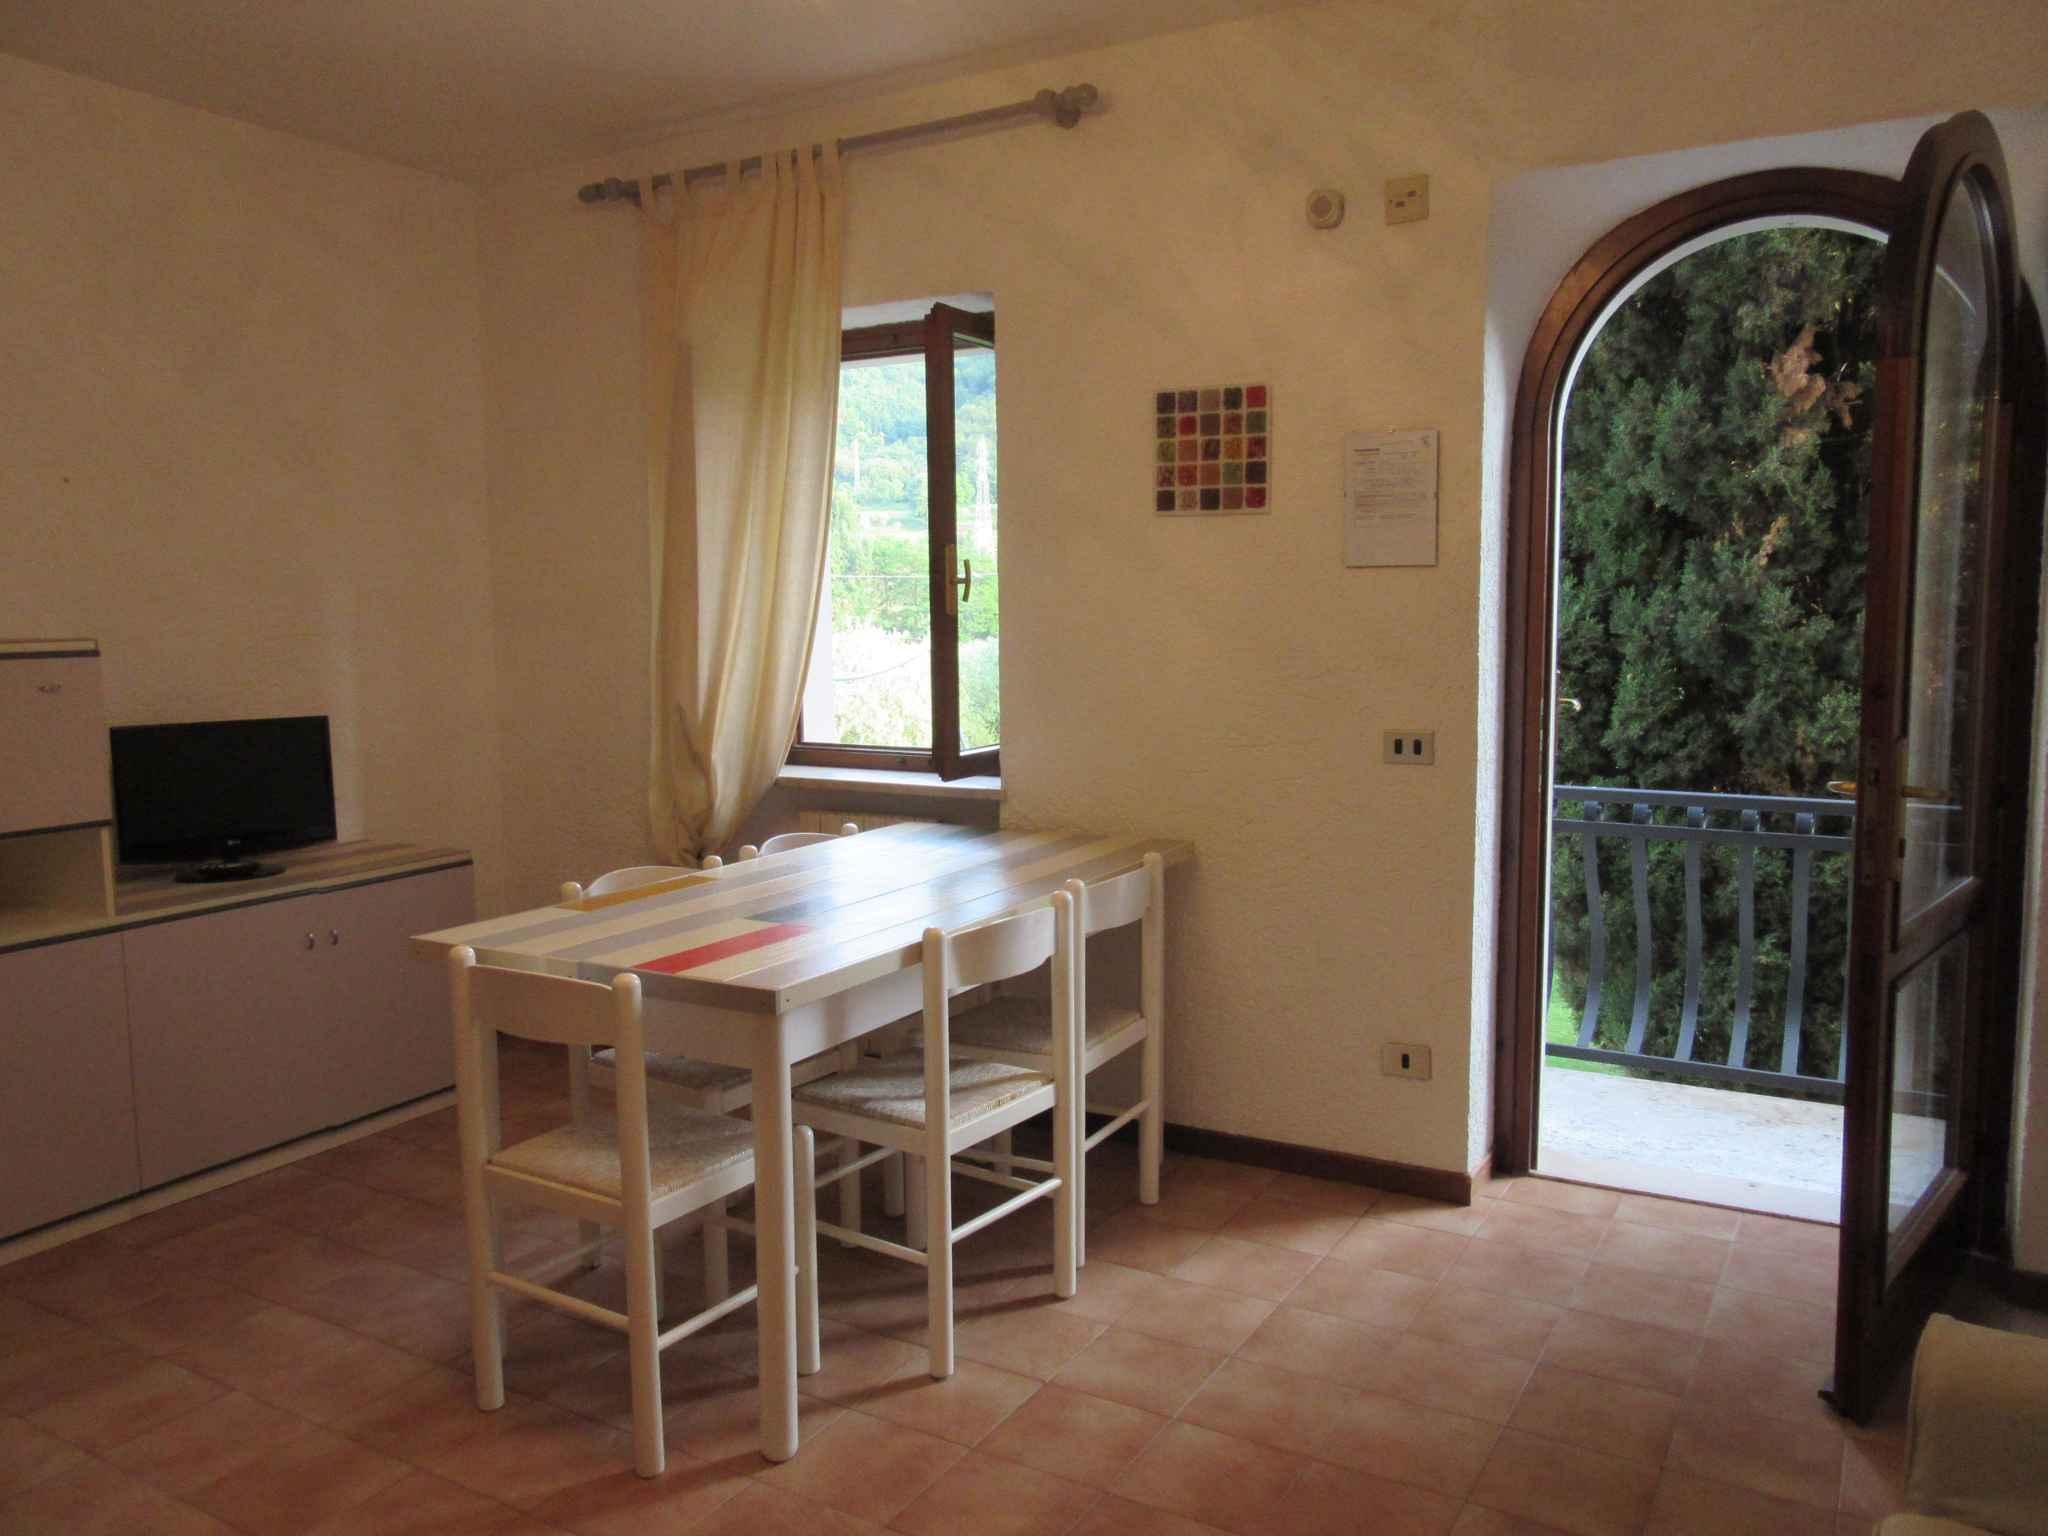 Ferienwohnung Residenz Rustico (279544), Garda, Gardasee, Venetien, Italien, Bild 23